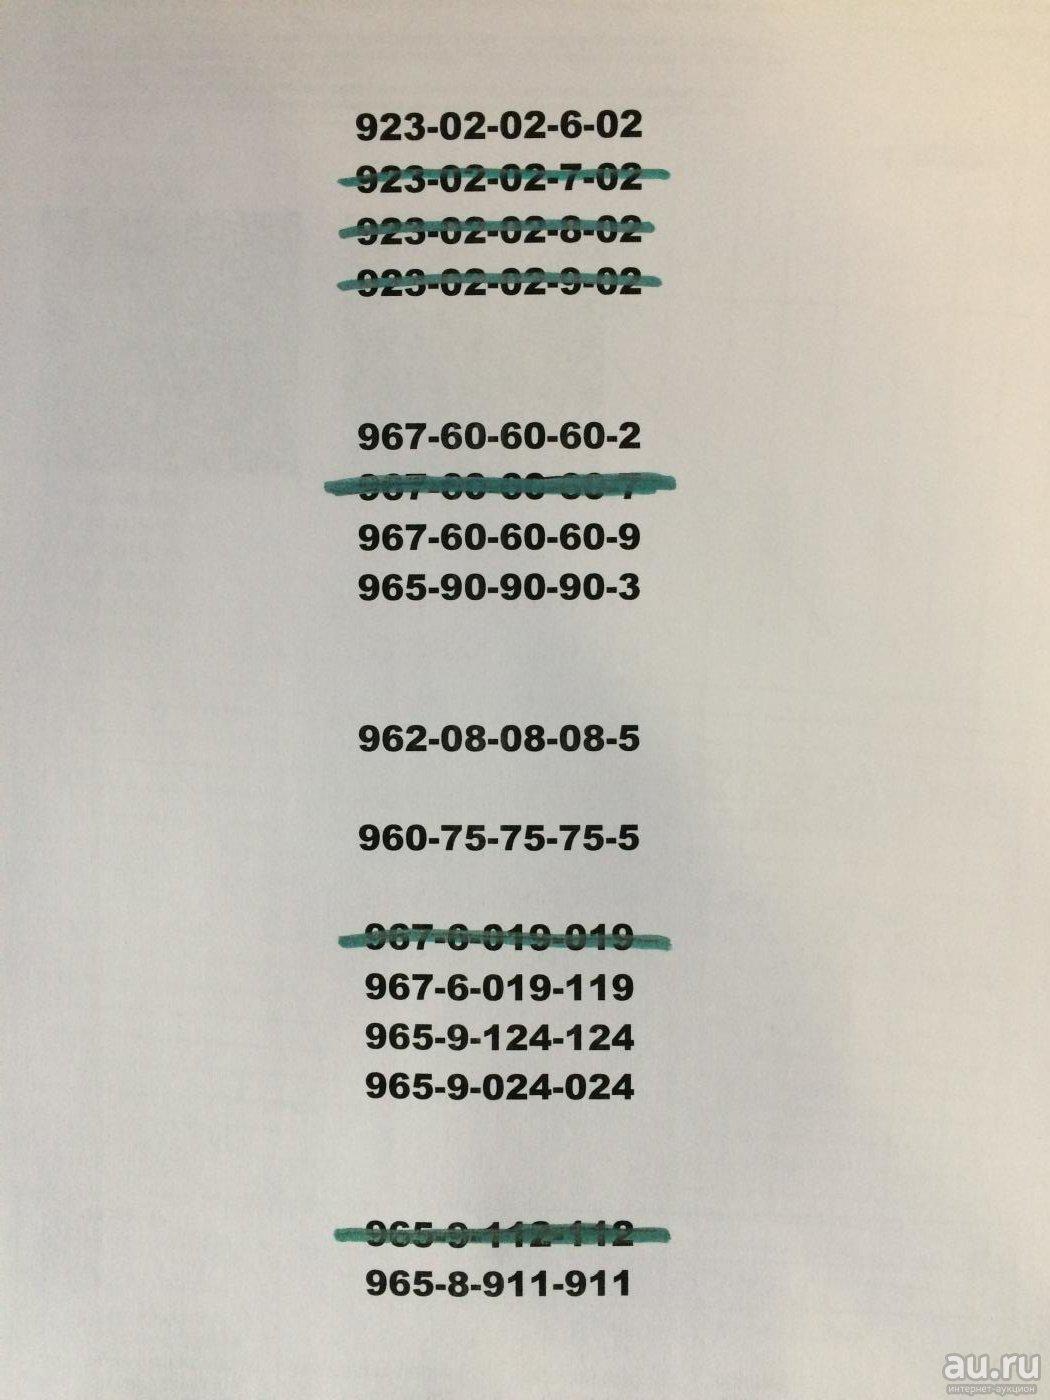 Как сохранять номера правильно: с кодом +7 или 8? отличия кодов, возможные трудности